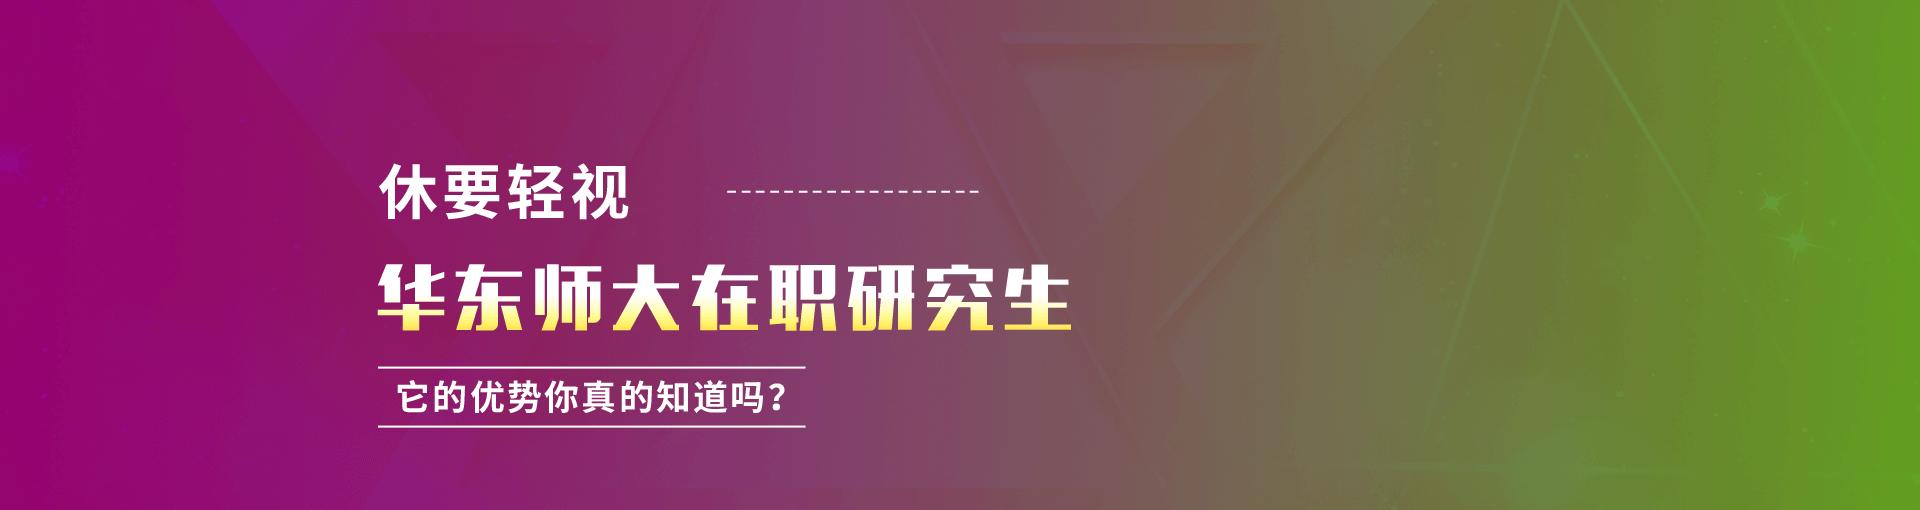 全面分析:华东师范大学在职研究生优势怎么样?